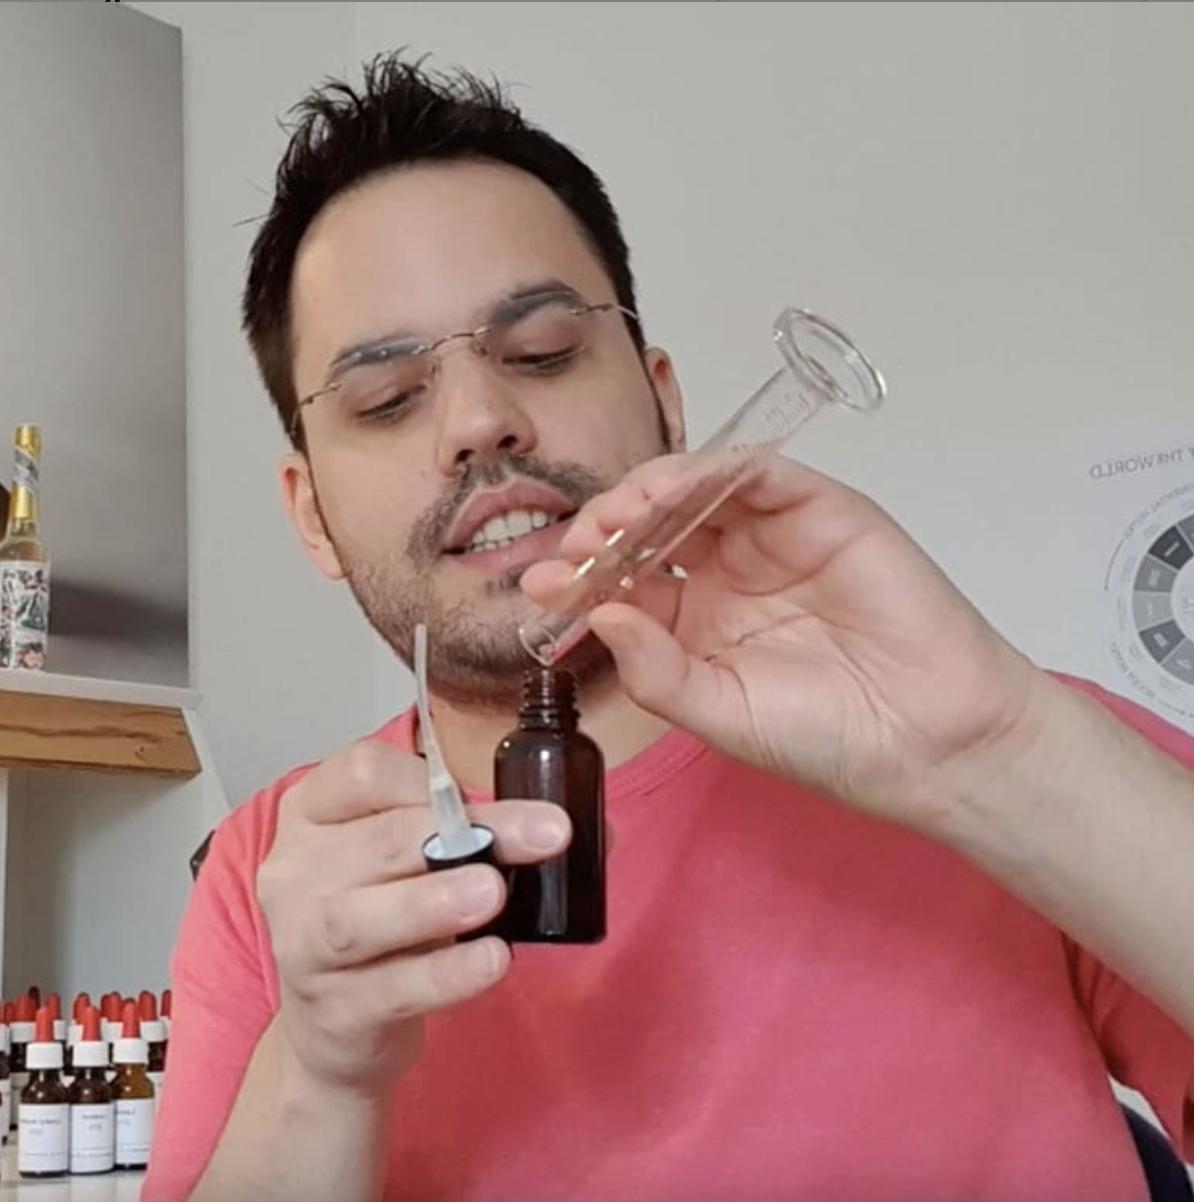 David Heinsson macht Parfum